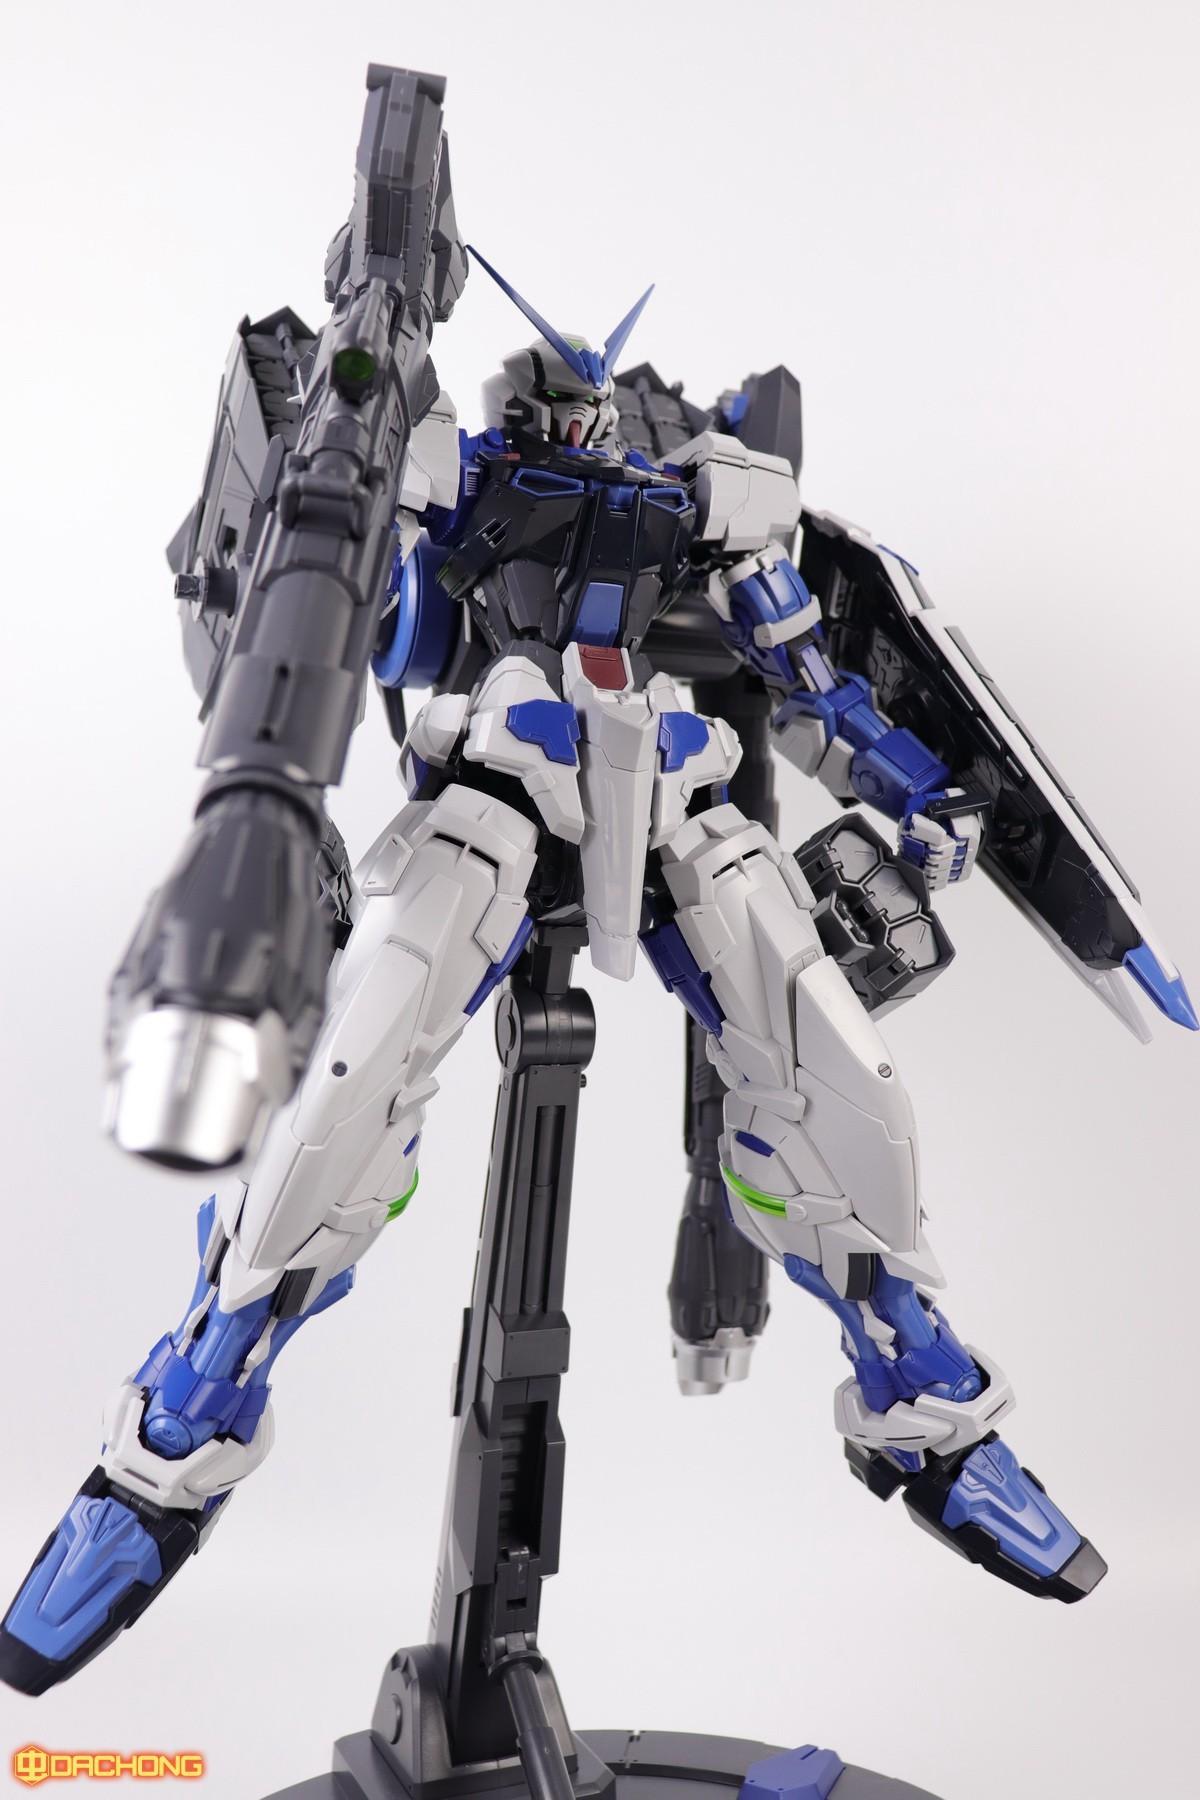 S306_blue_frame_astray_60_088.jpg